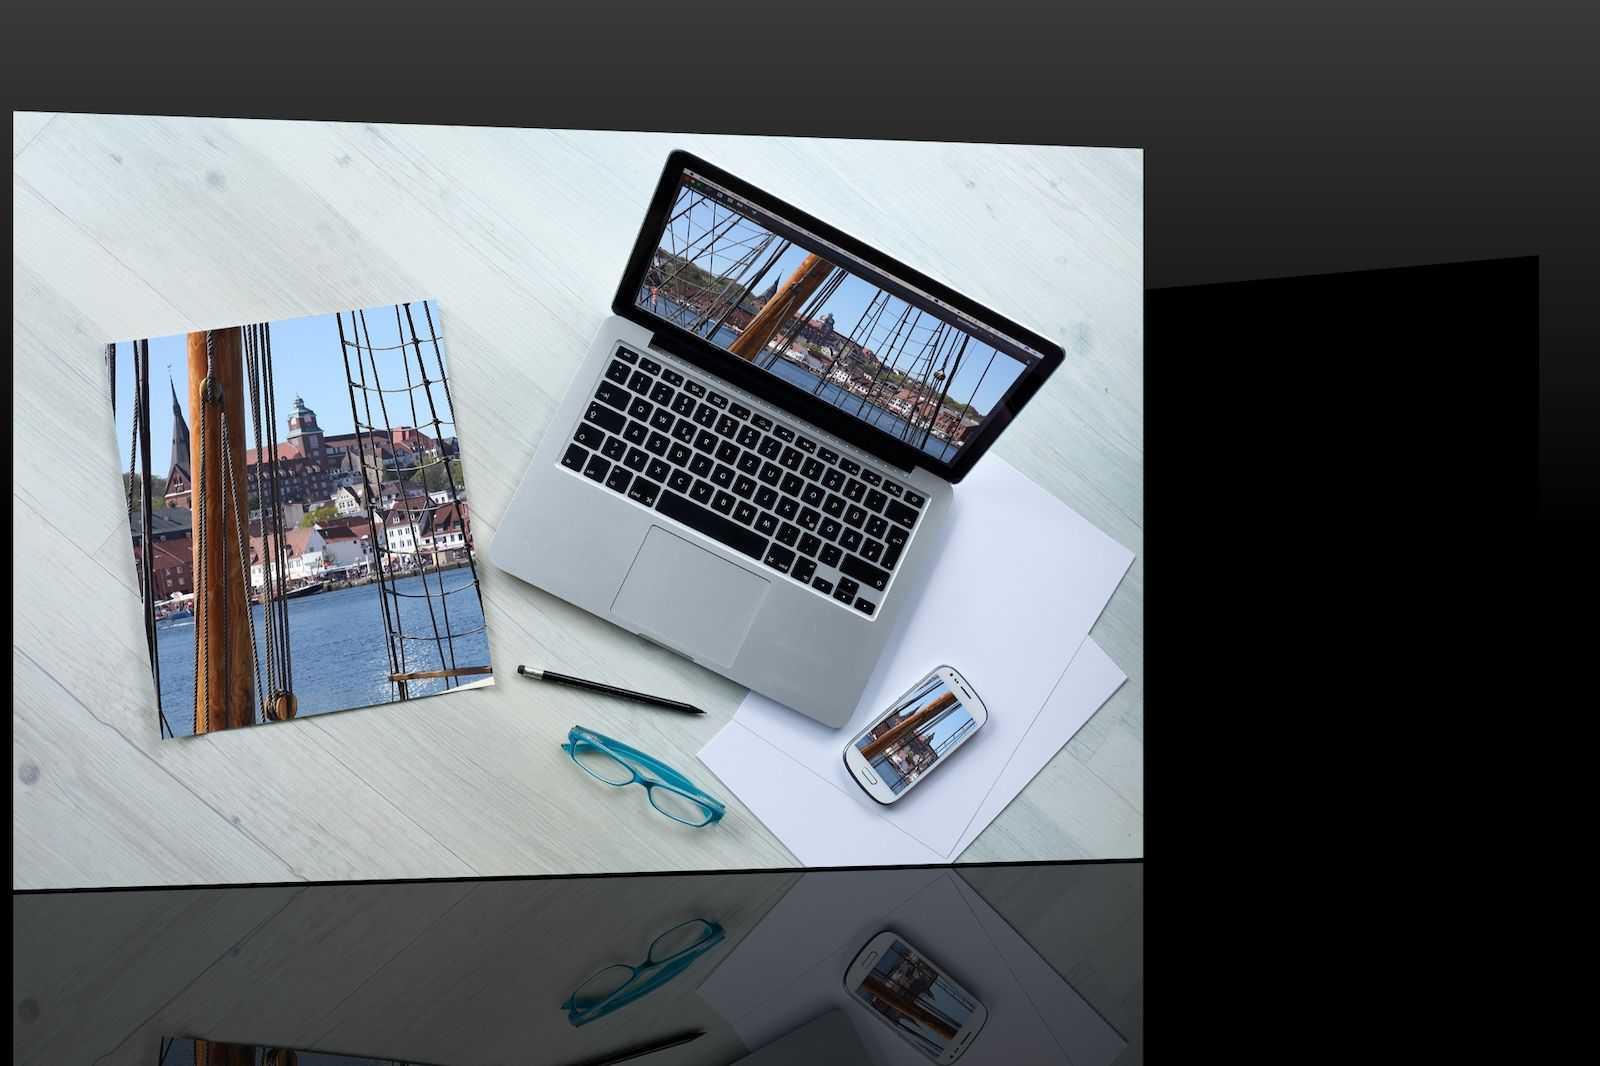 iPhone・Macで開いているWebぺージを即座に同期してそれぞれのデバイスで表示する方法-アイキャッチ